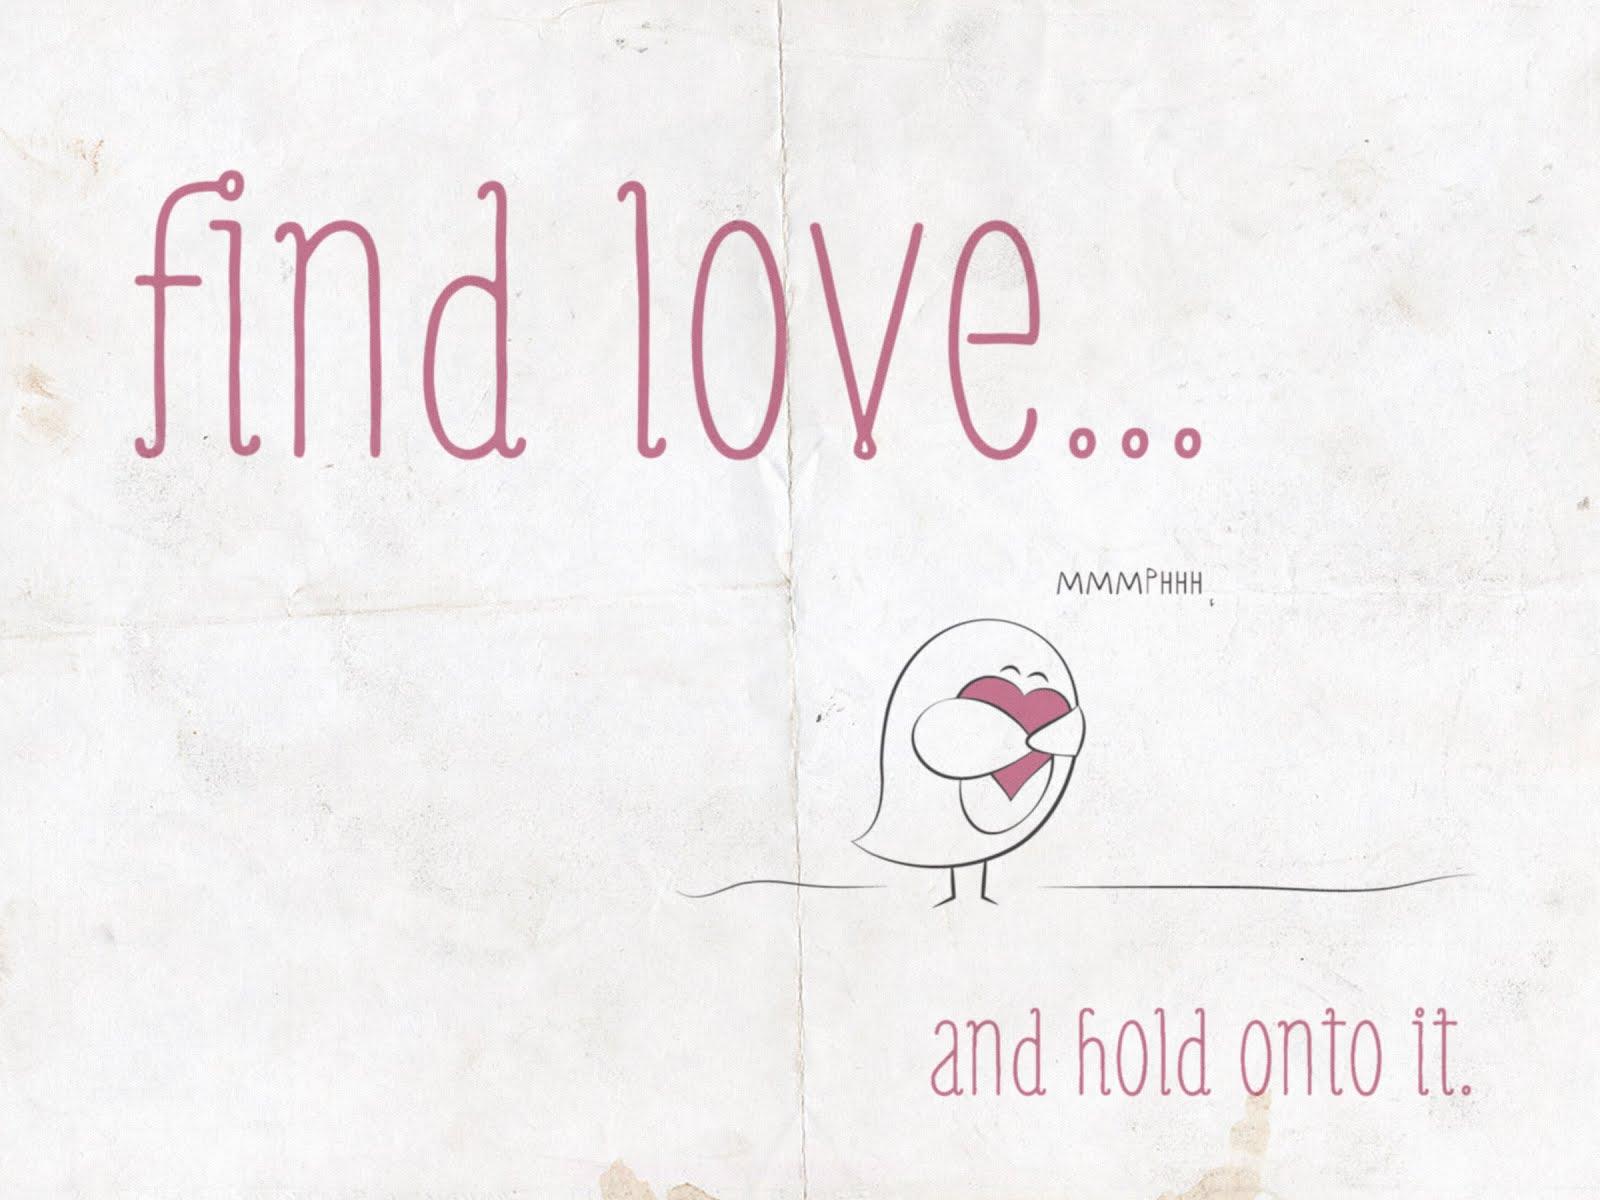 http://3.bp.blogspot.com/-T5mOY5CXAHI/Tznhcr2hnlI/AAAAAAAABUI/y_Ma9AgHXJs/s1600/blog-find-love-jasmine-habart.jpg